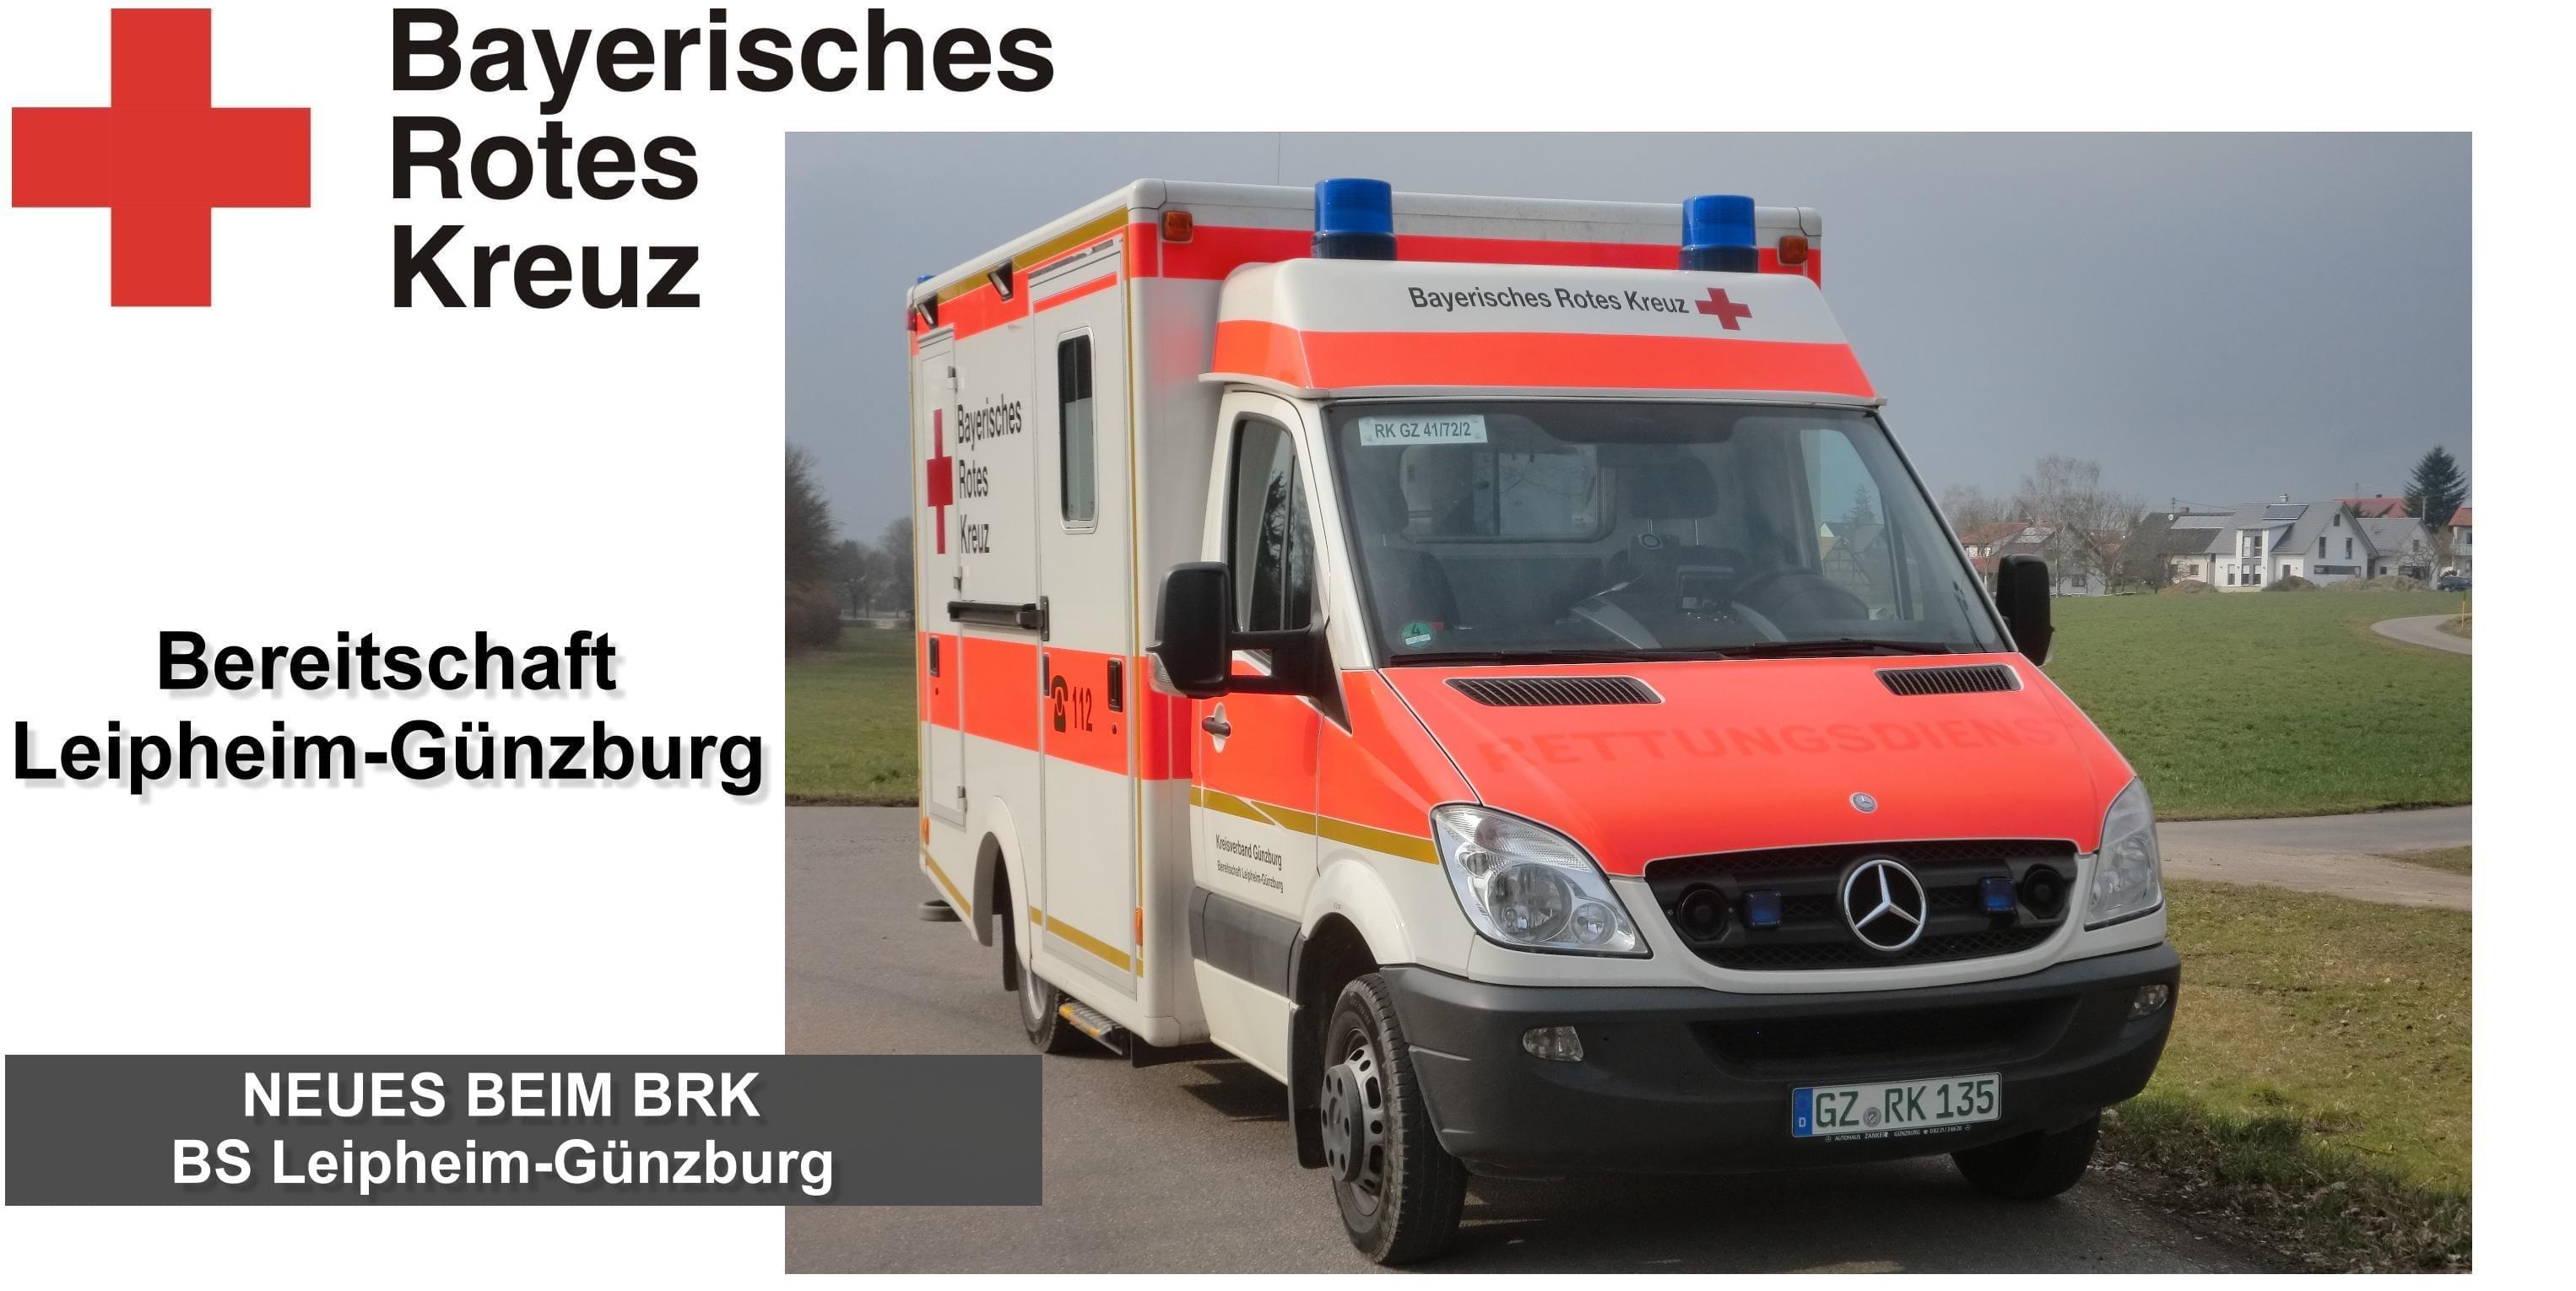 BayerischesRotesKreuz BereitschaftLeipheim Günzburg